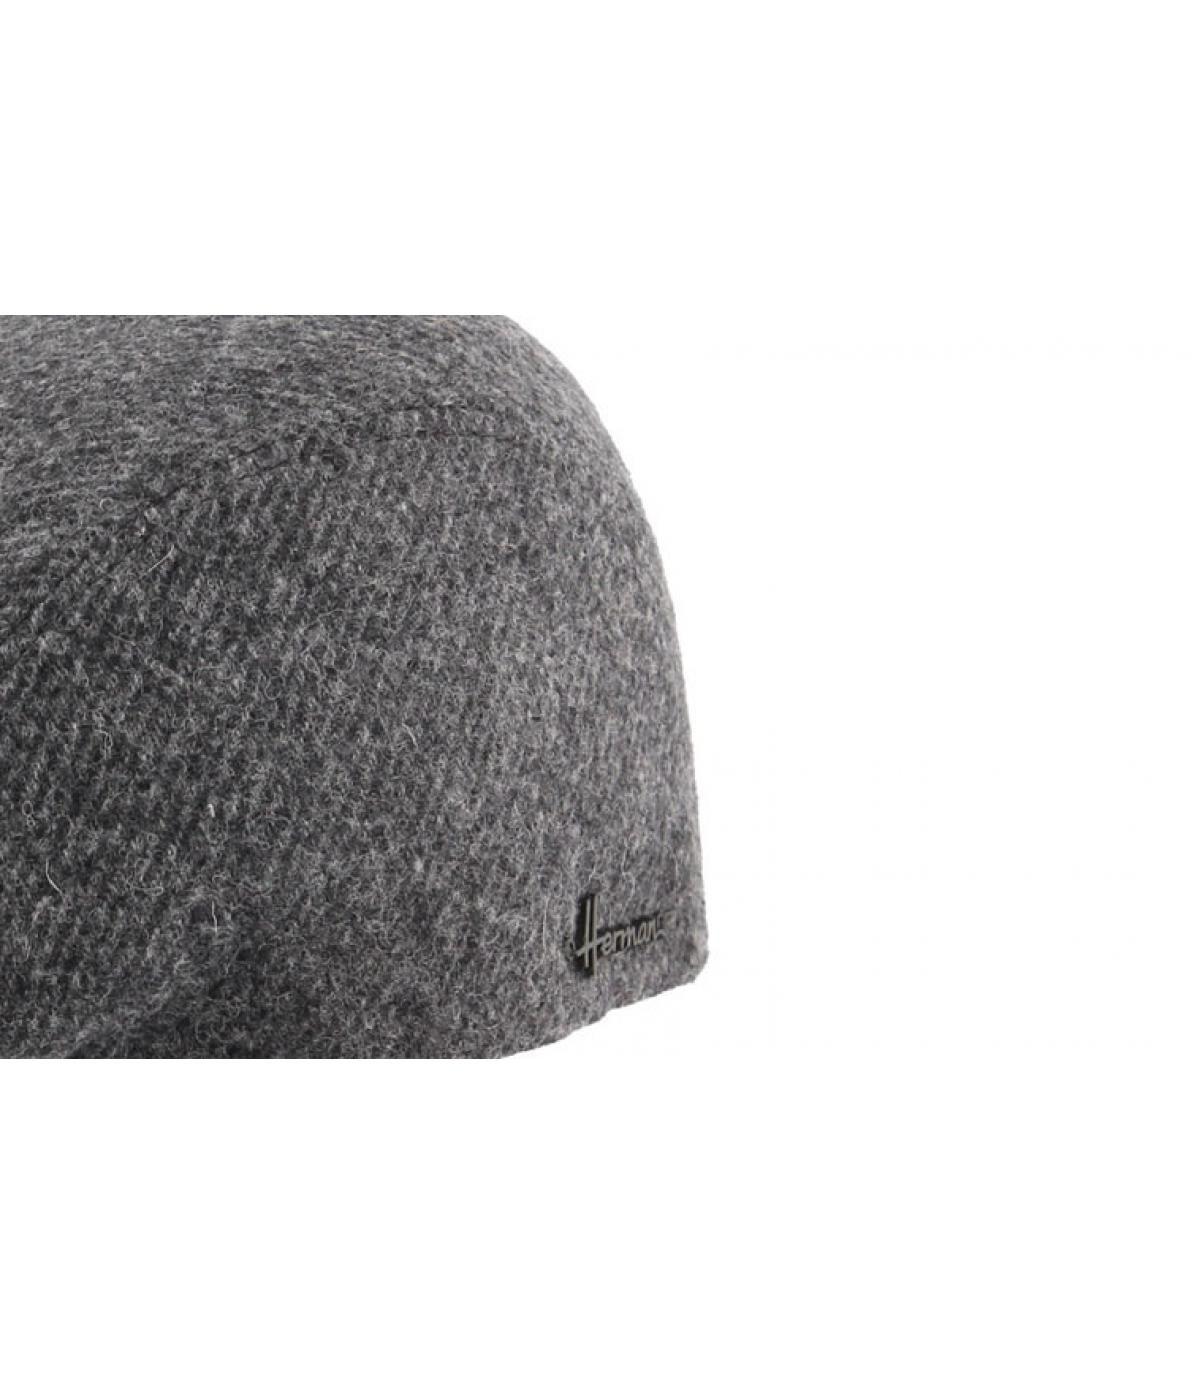 Dettagli Hill wool EF grey - image 3